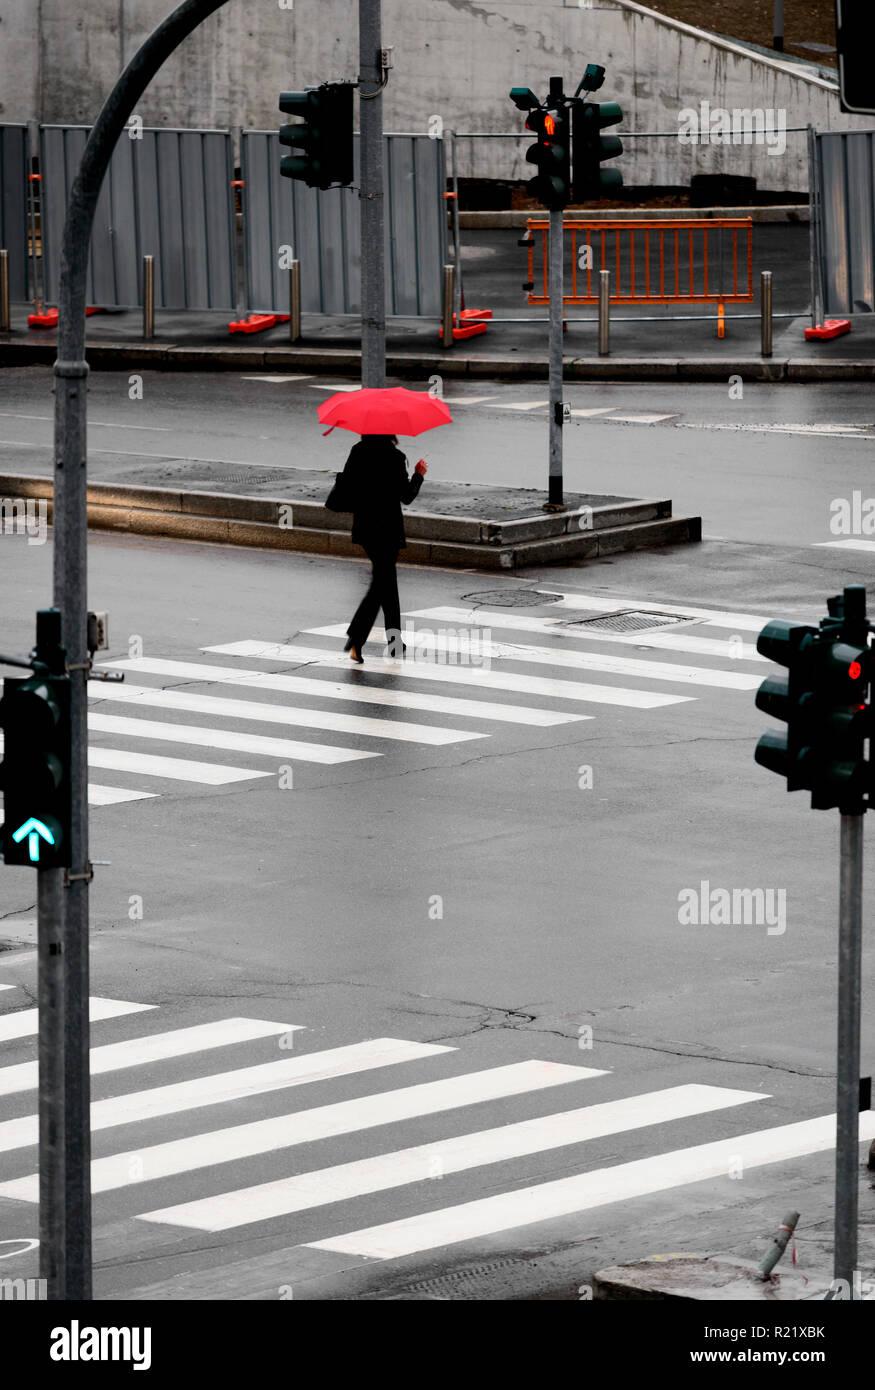 Mujer de caminar sobre el paso de peatones en la lluvia con la sombrilla roja Imagen De Stock